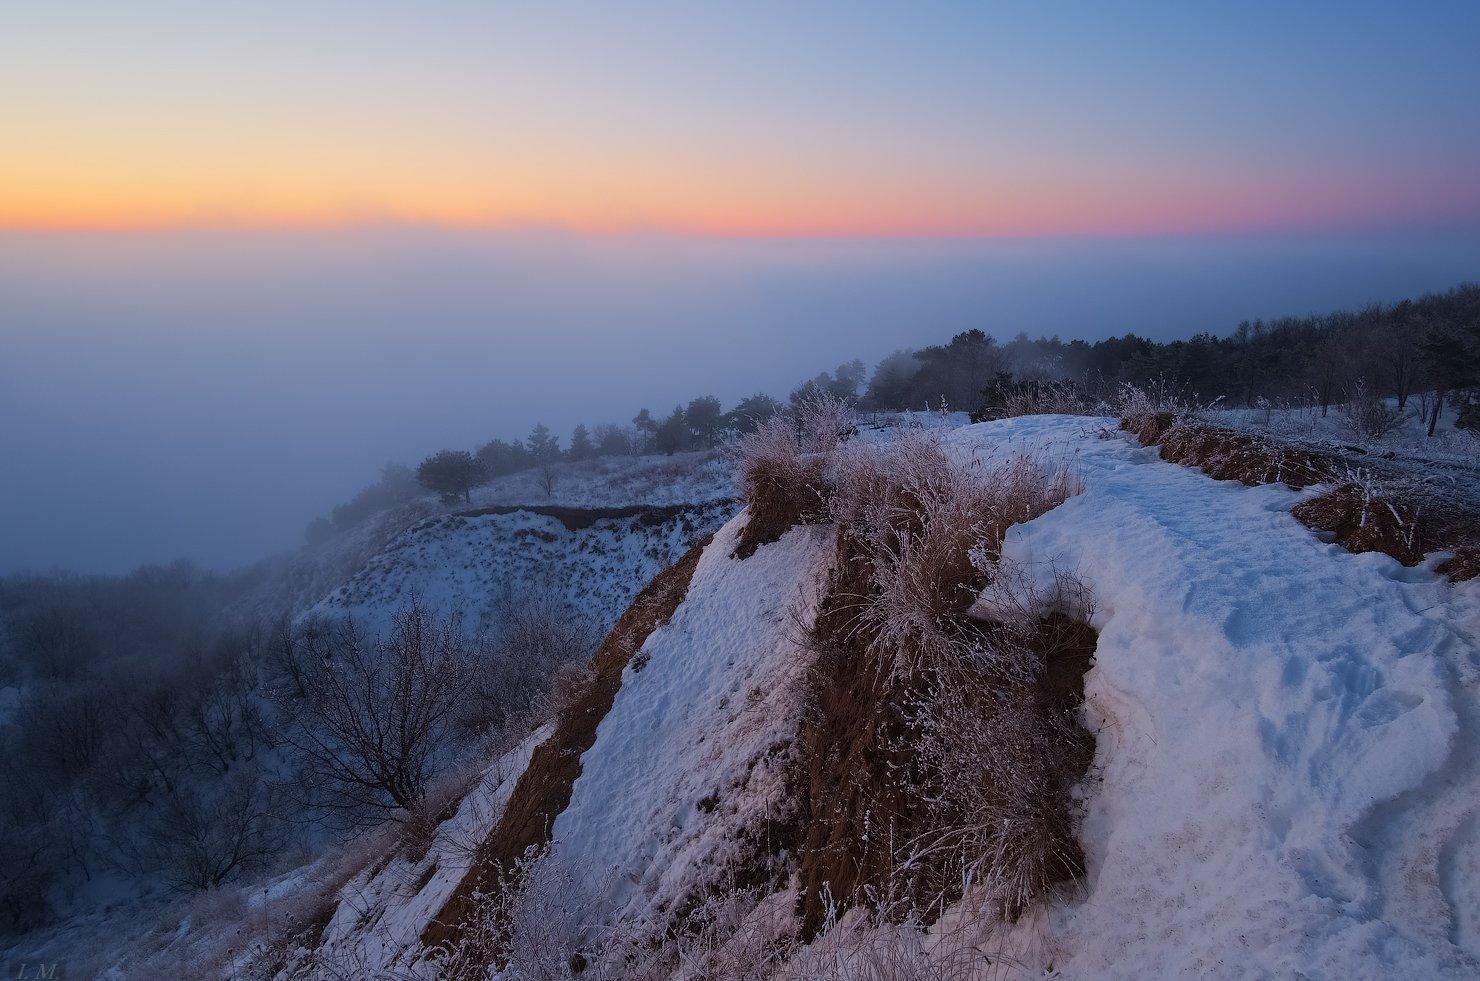 зима, сумерки, вечер, закат, туман, иней, снег, вид сверху, I'M